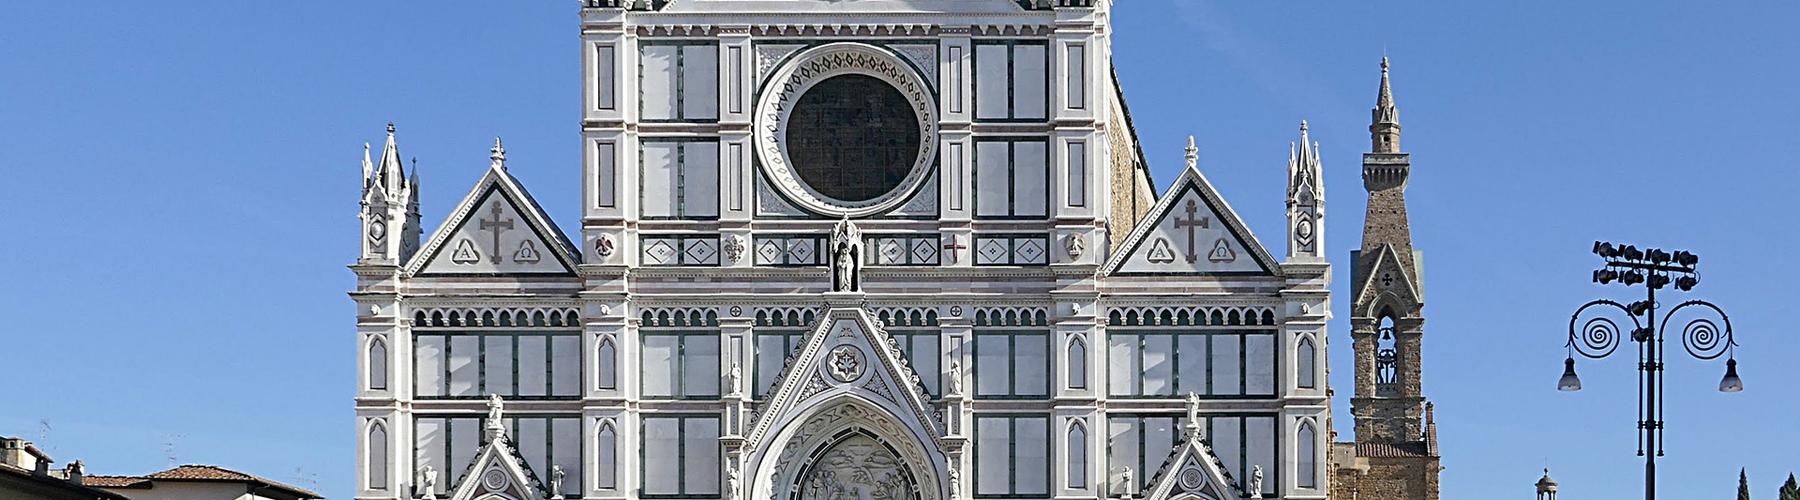 피렌체 - Santa Croce에 가까운 호텔. 피렌체의 지도, 피렌체에 위치한 호텔에 대한 사진 및 리뷰.